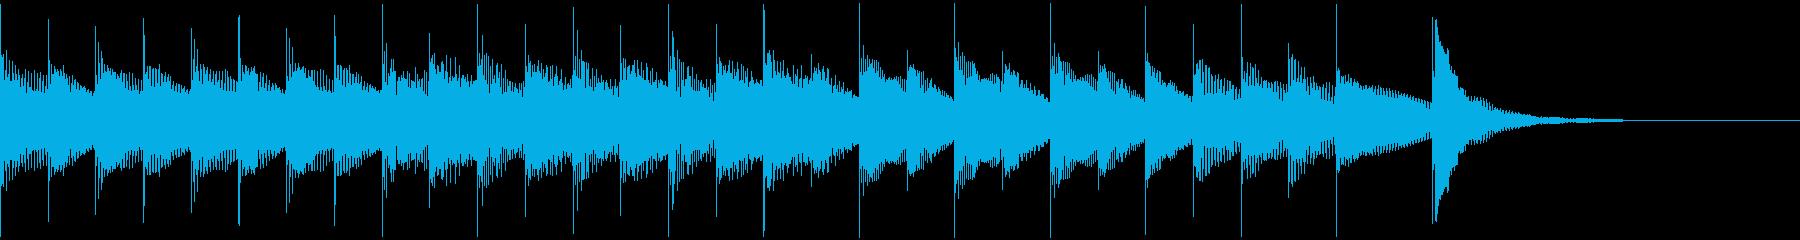 コロコロかわいい音!マリンバでほのぼの。の再生済みの波形